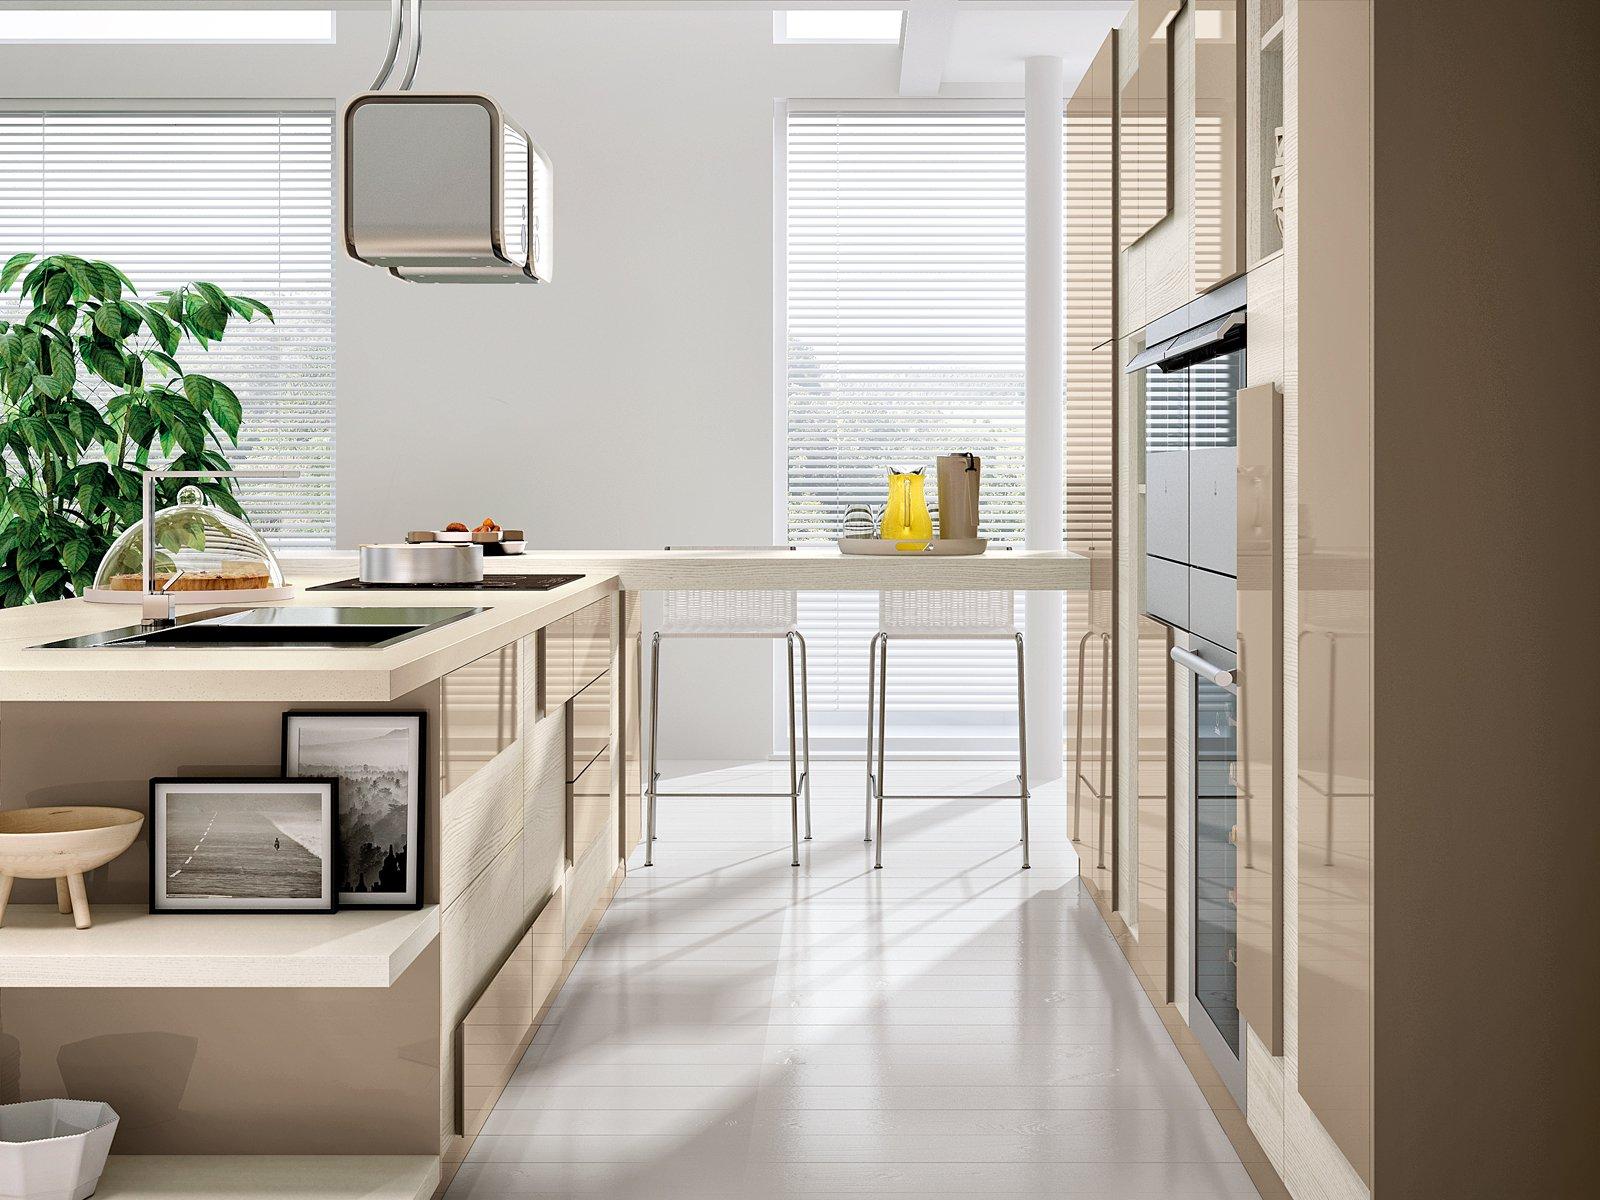 Anta Della Cucina Creativa Di Cucine Lube è Realizzata Con Due  #B69915 1600 1200 Come Arredare Cucina Soggiorno Di 20 Mq